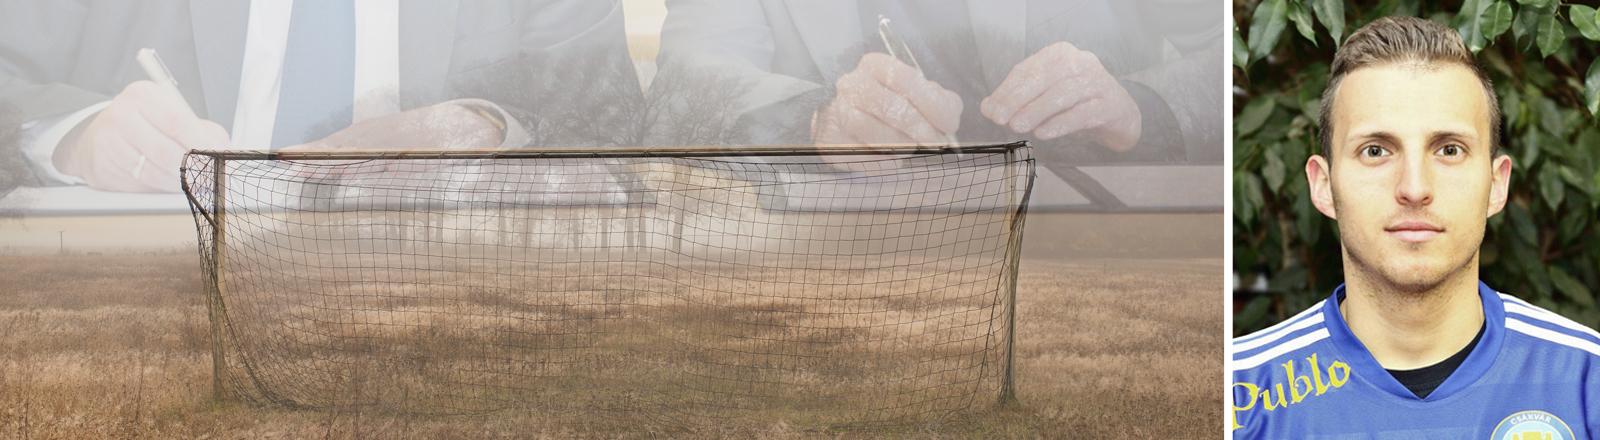 Fussballprofi Robert Feik, Fußballtor, Vertragsunterzeichnung